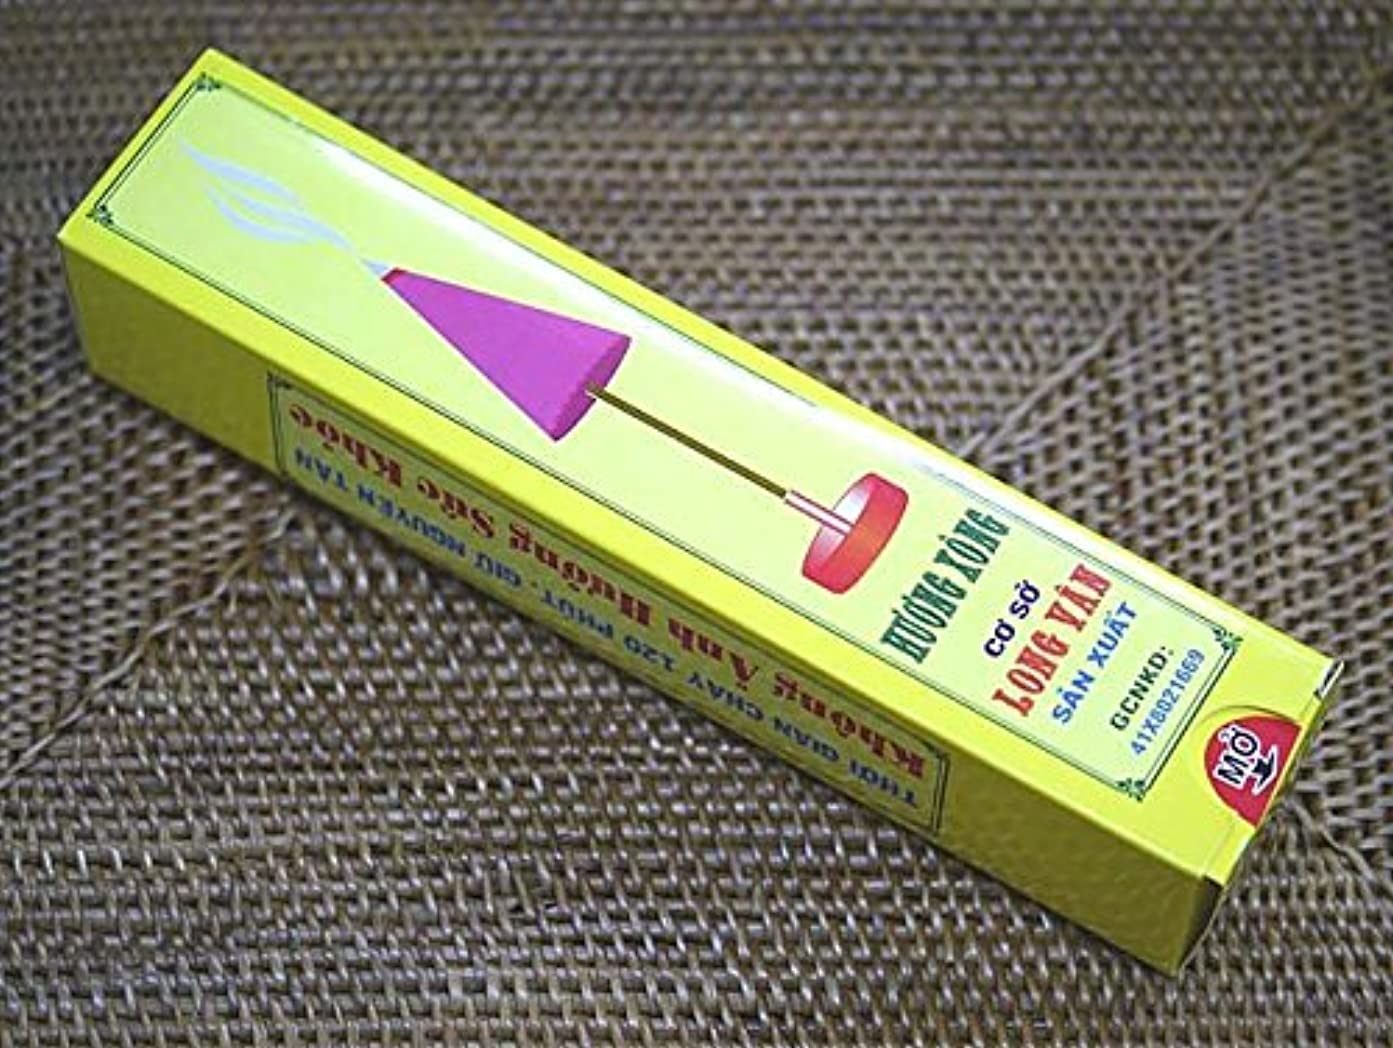 指令休戦説得Vietnam Incense ベトナムのお香【浄化のお香HUONG XONG】家や店や会社など浄化を目的としたお香です ハンドメイド